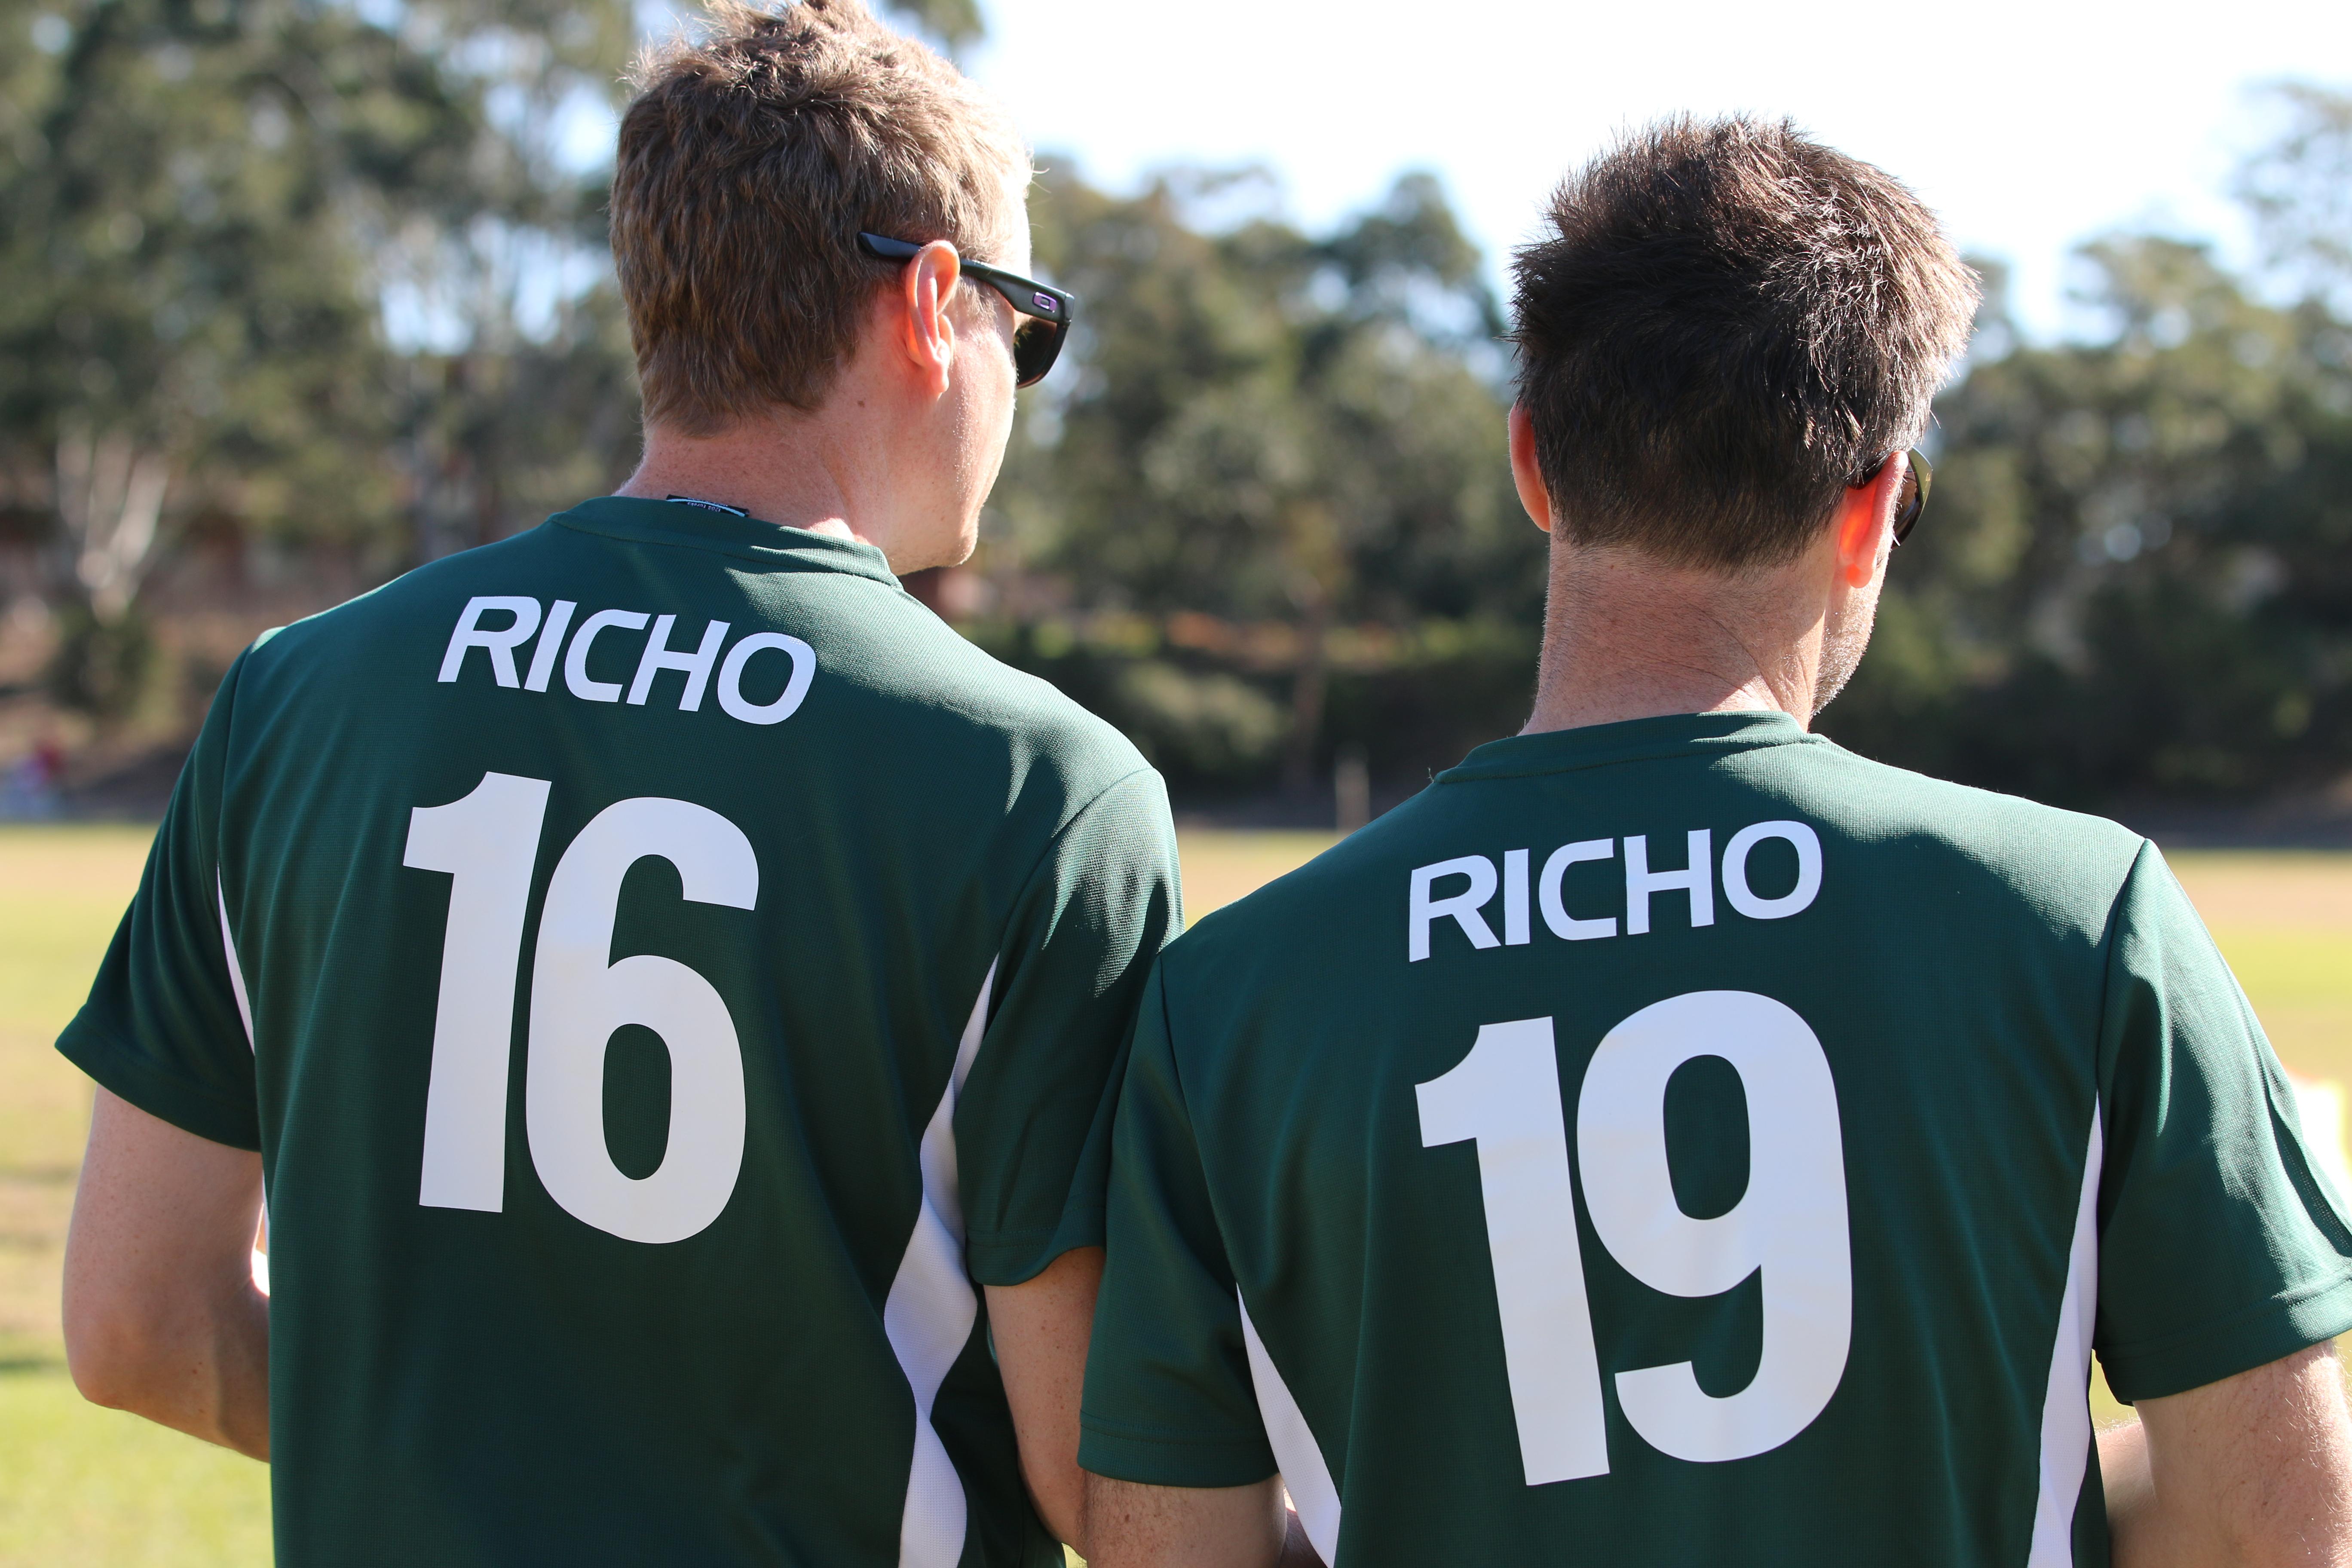 Richo Cup 1